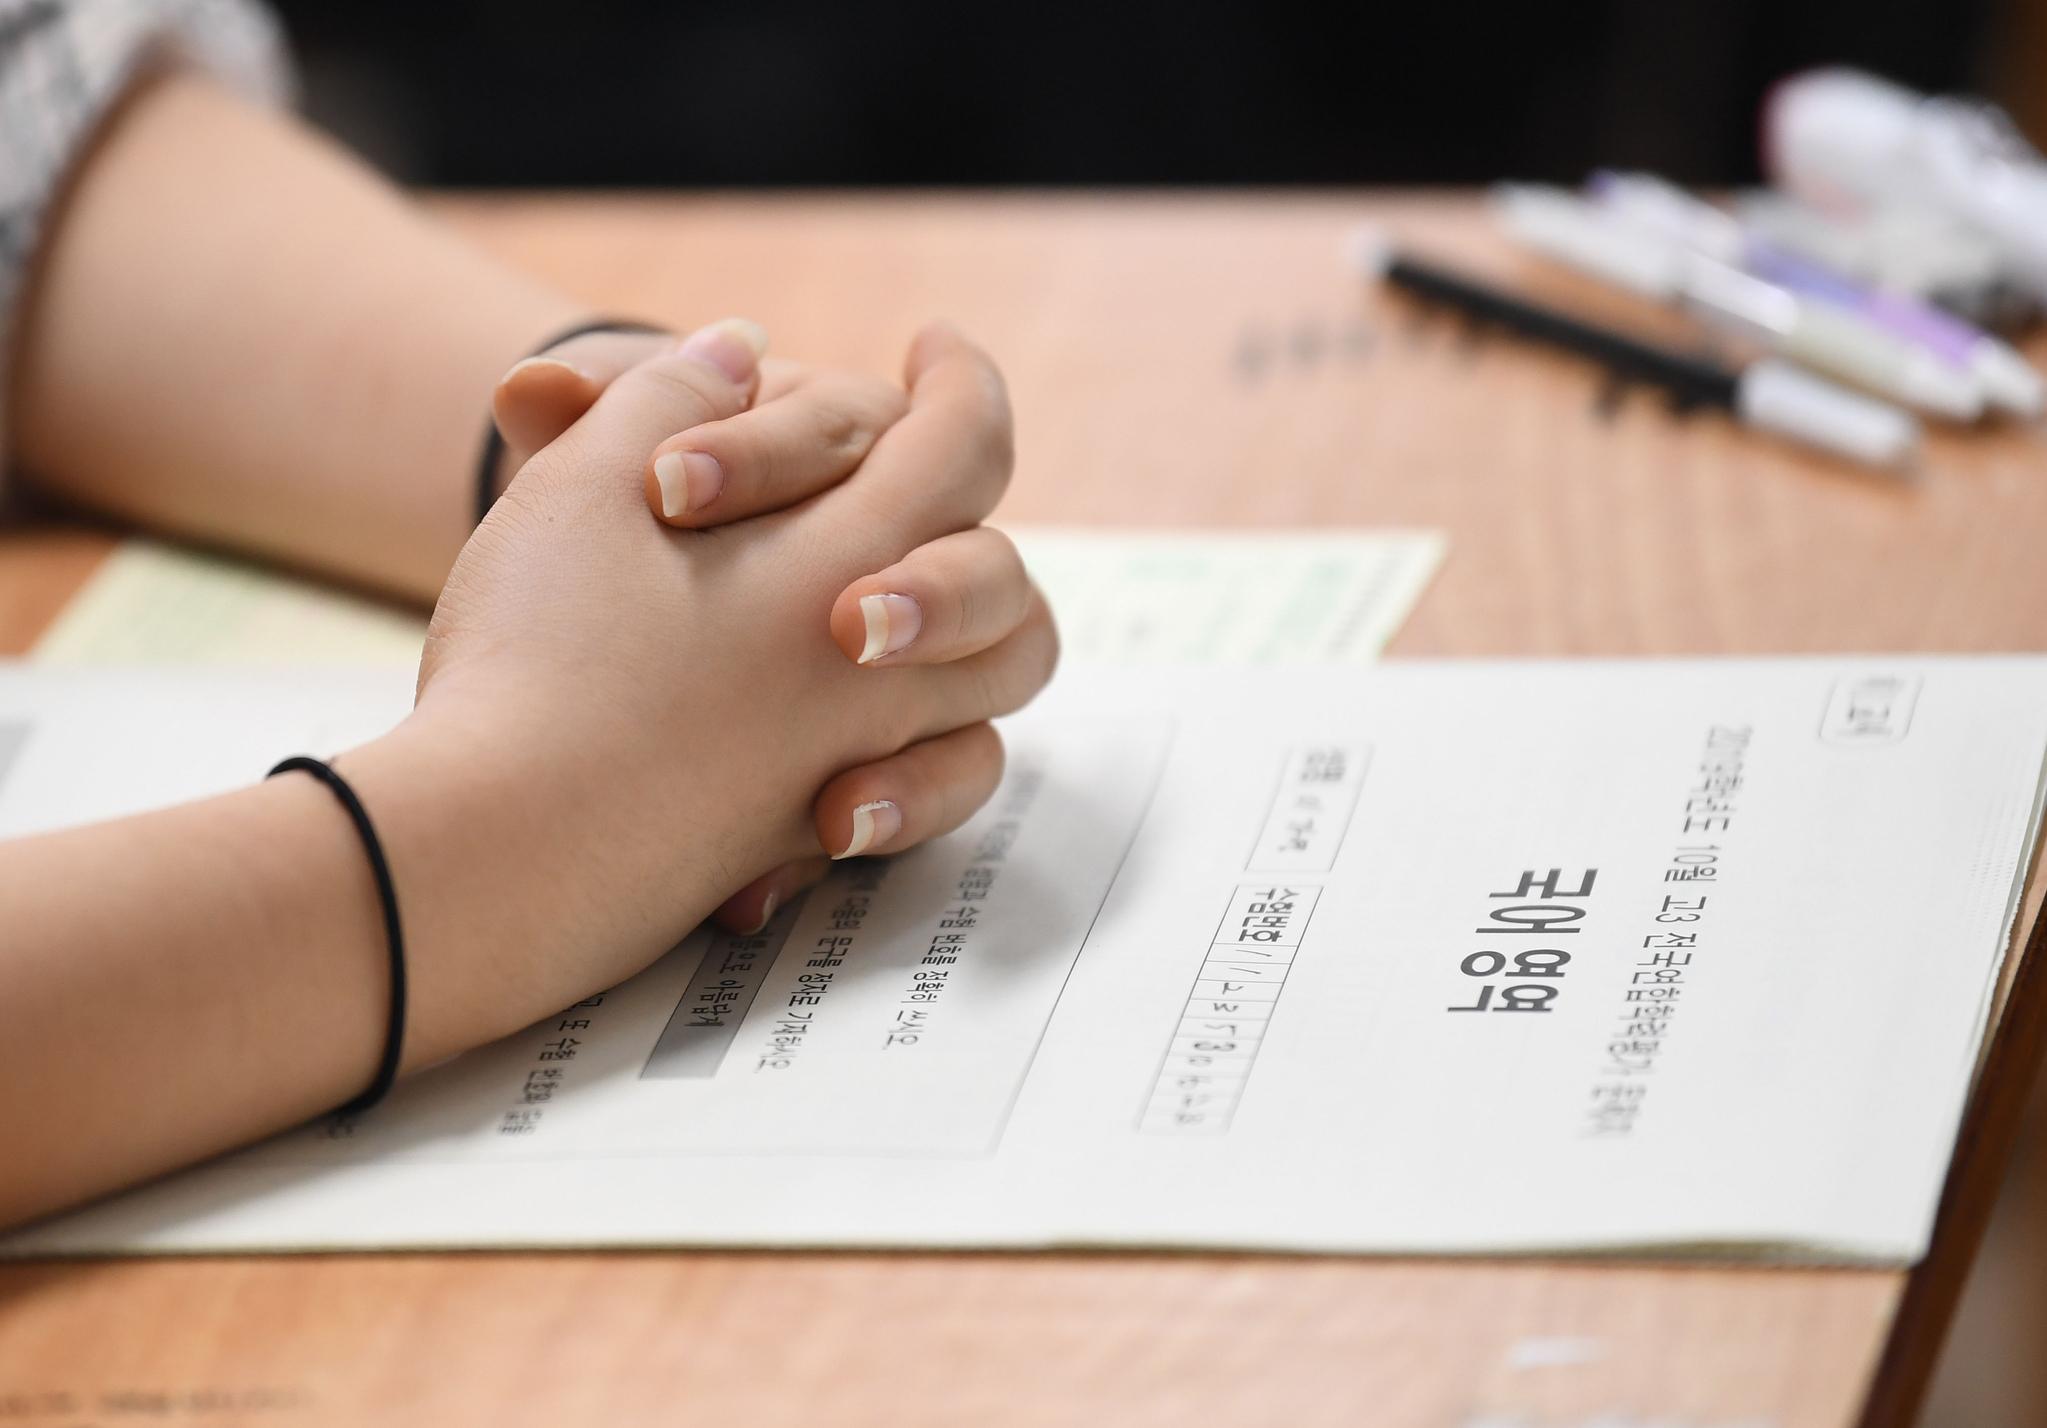 지난달 서울의 한 여고 3학년 학생이 2020학년도 대학수학능력시험 전 마지막 모의고사인 '전국연합학력평가' 진행을 기다리고 있다. [연합뉴스]